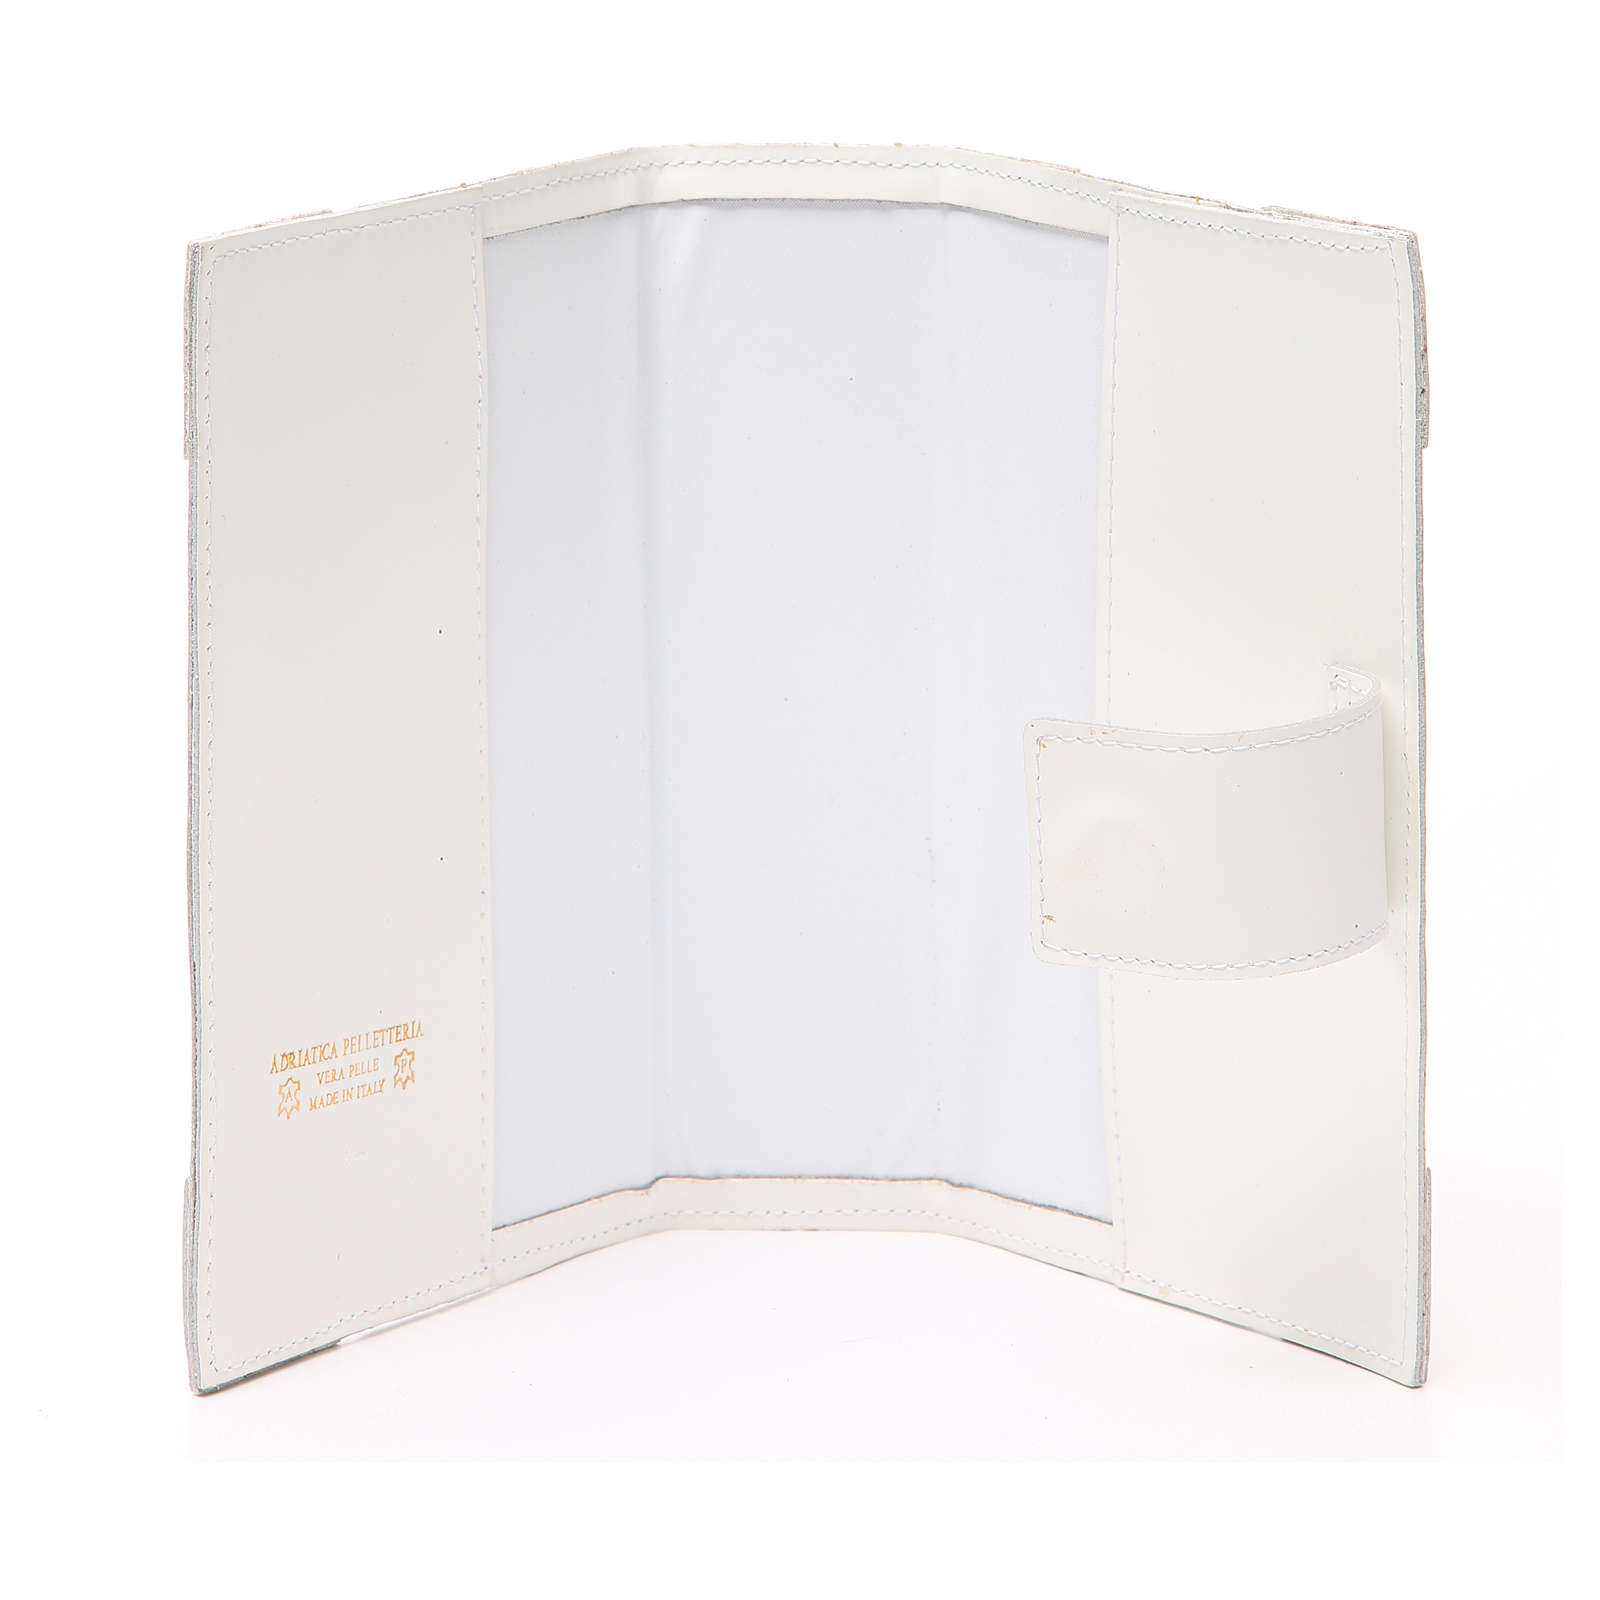 Couverture Lit. Heures 4 vol. cuir blanc Alpha Oméga aimant 4